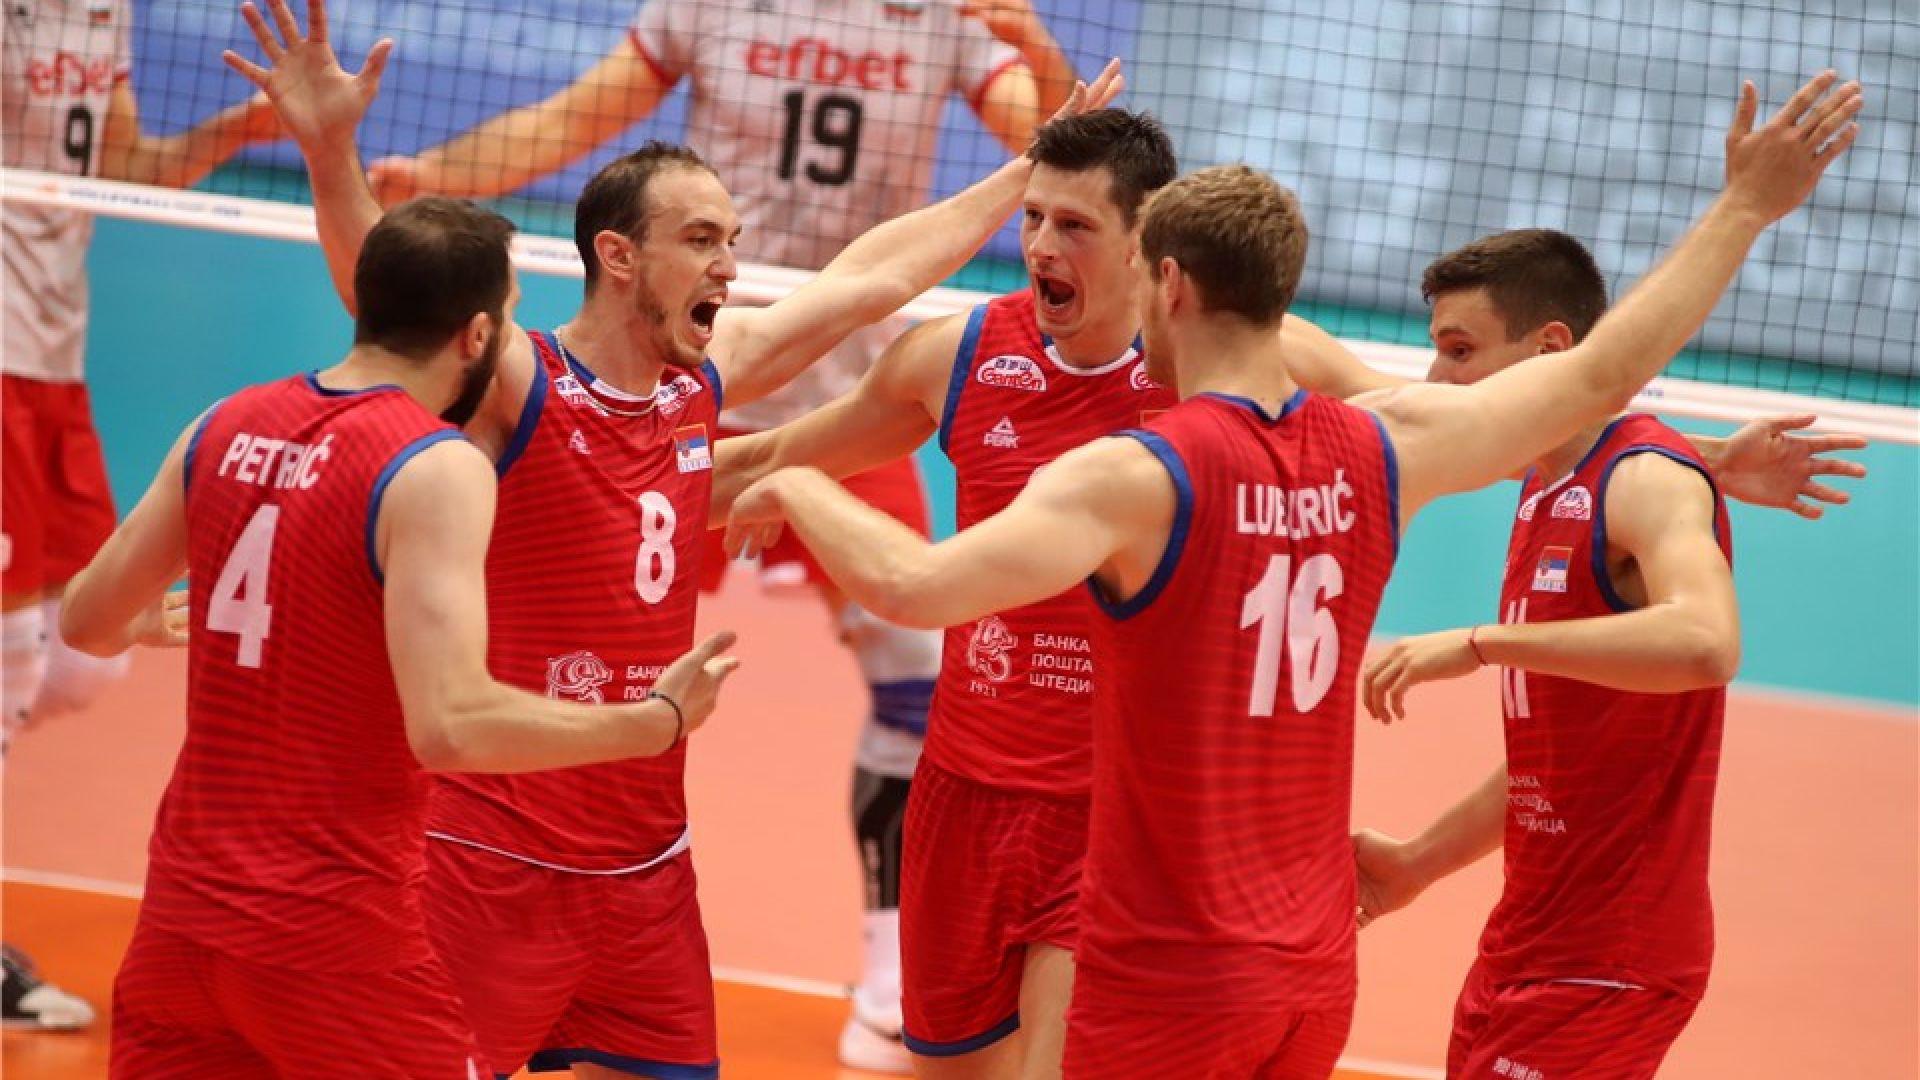 Сърбите не ни пощадиха за финал, взеха ни гейм на 12